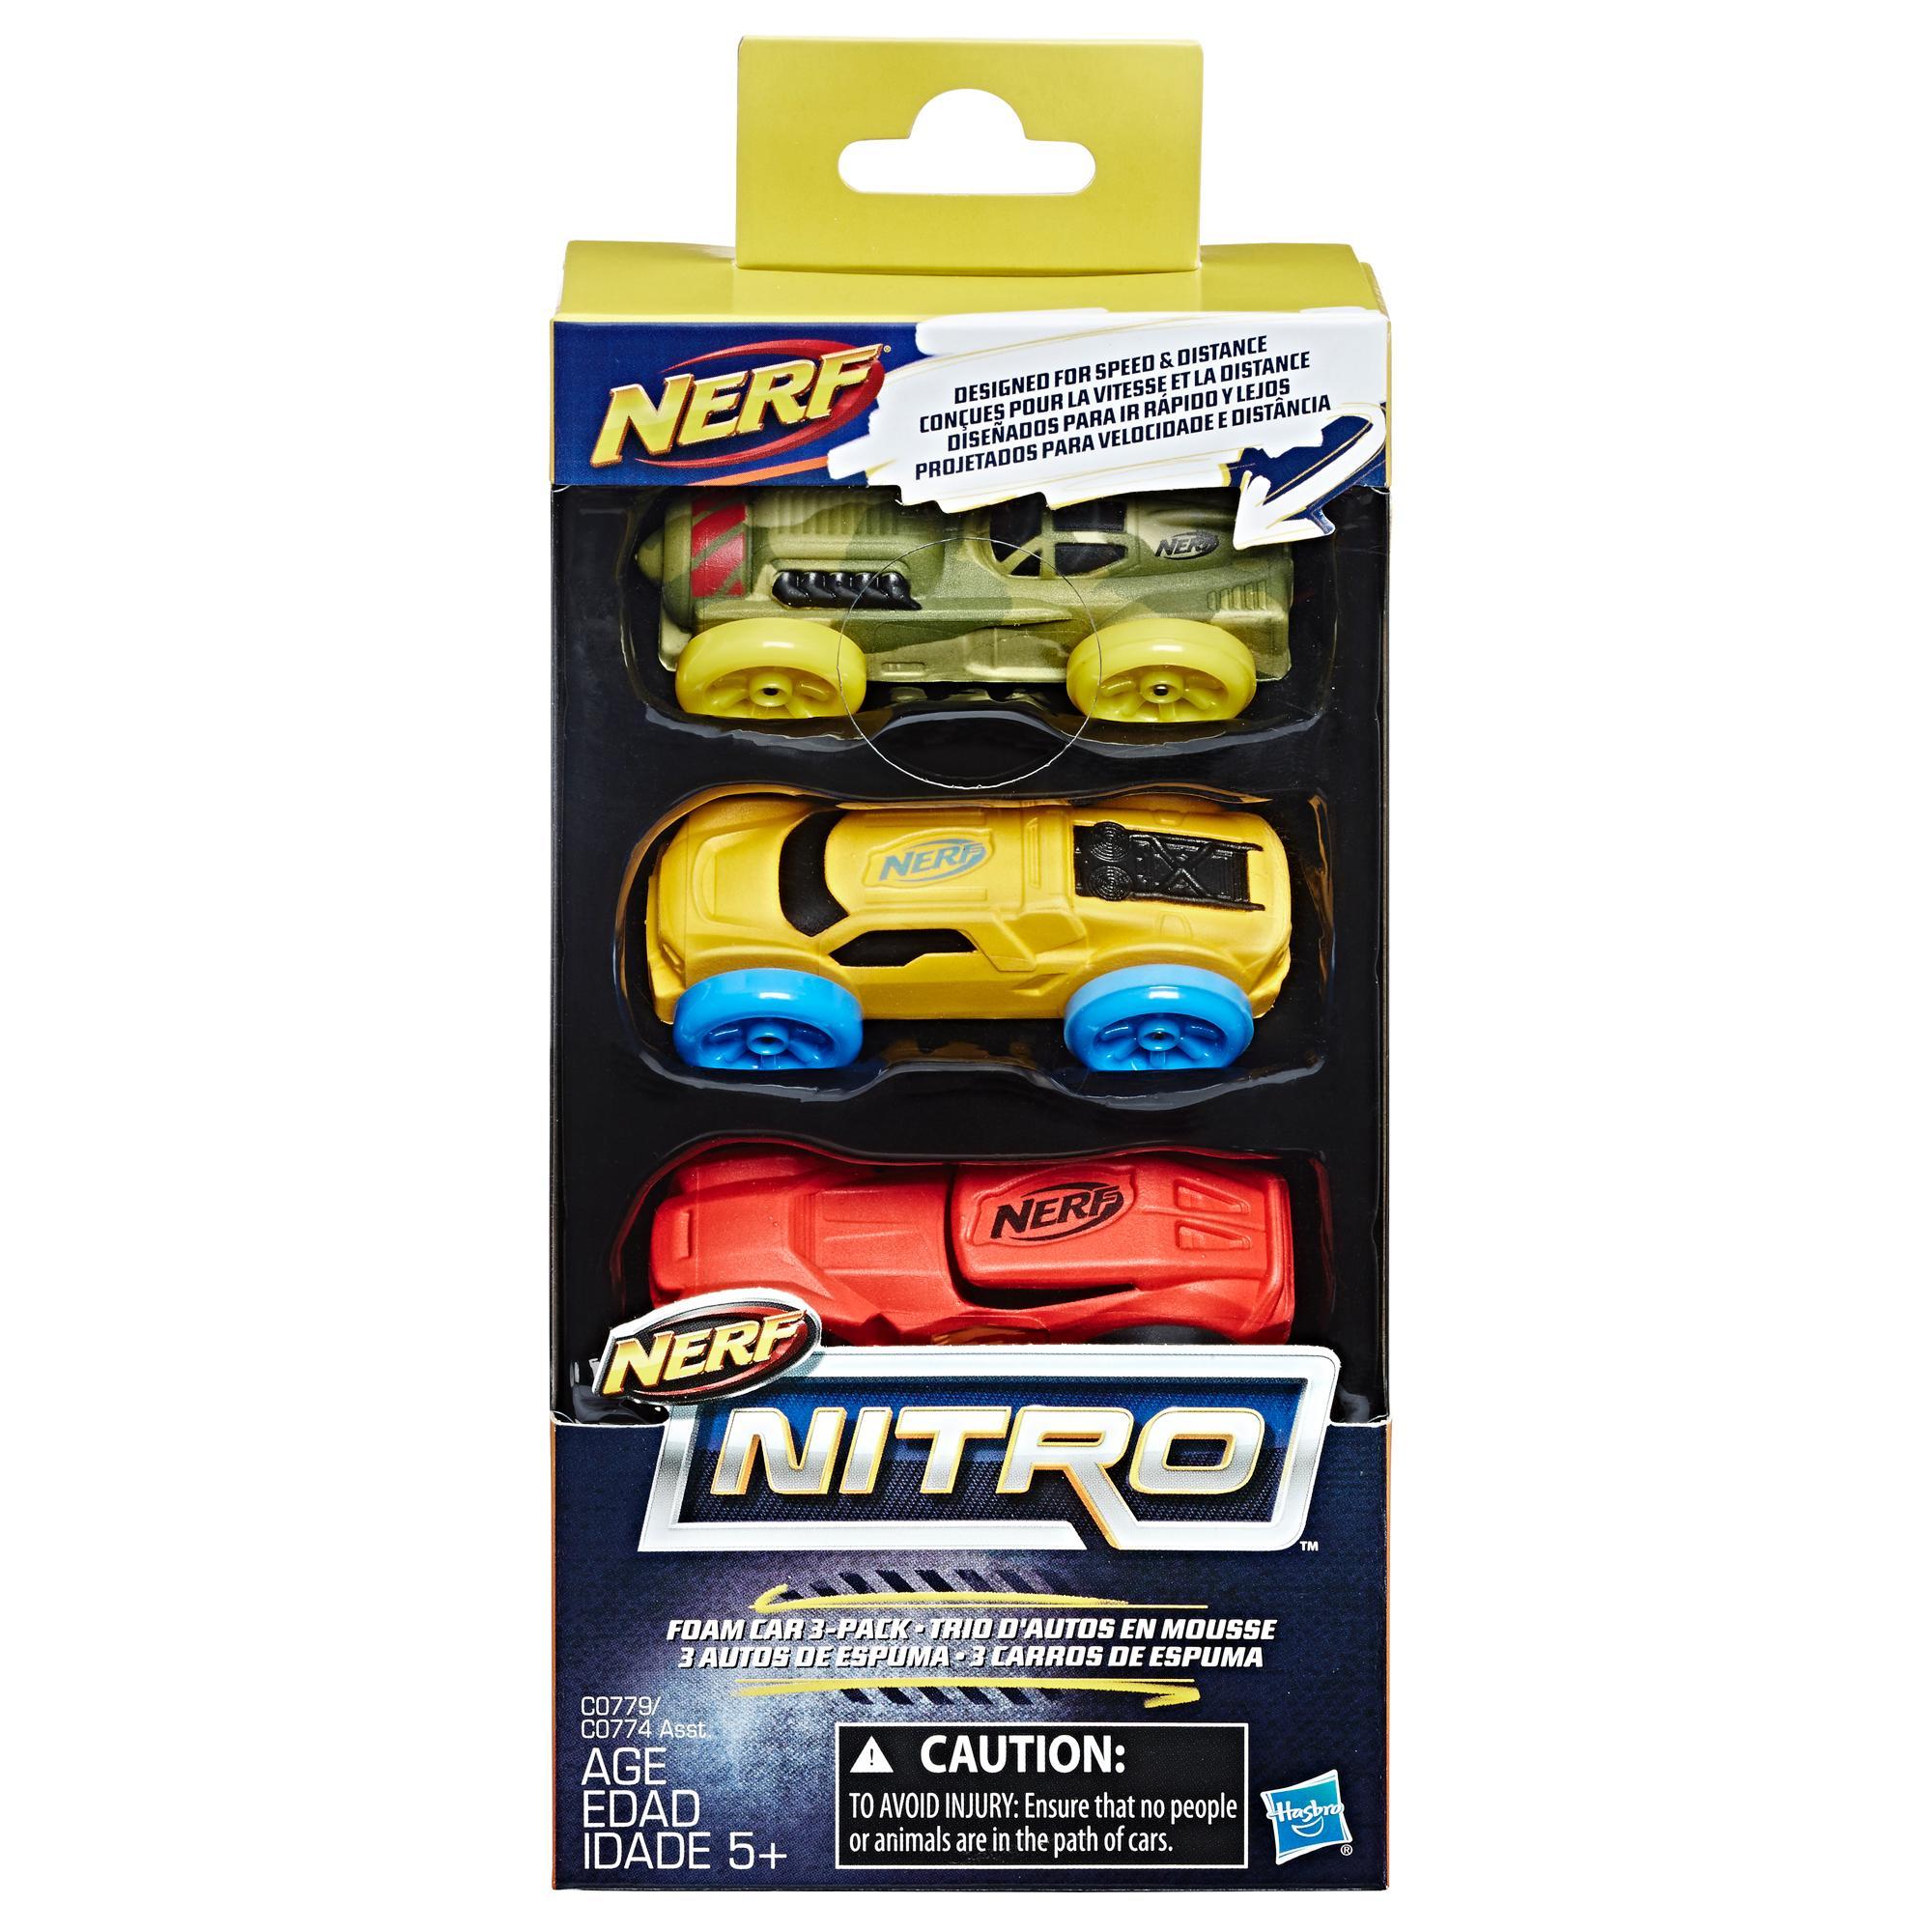 3 Carros de Espuma Nerf Nitro (Kit 5)